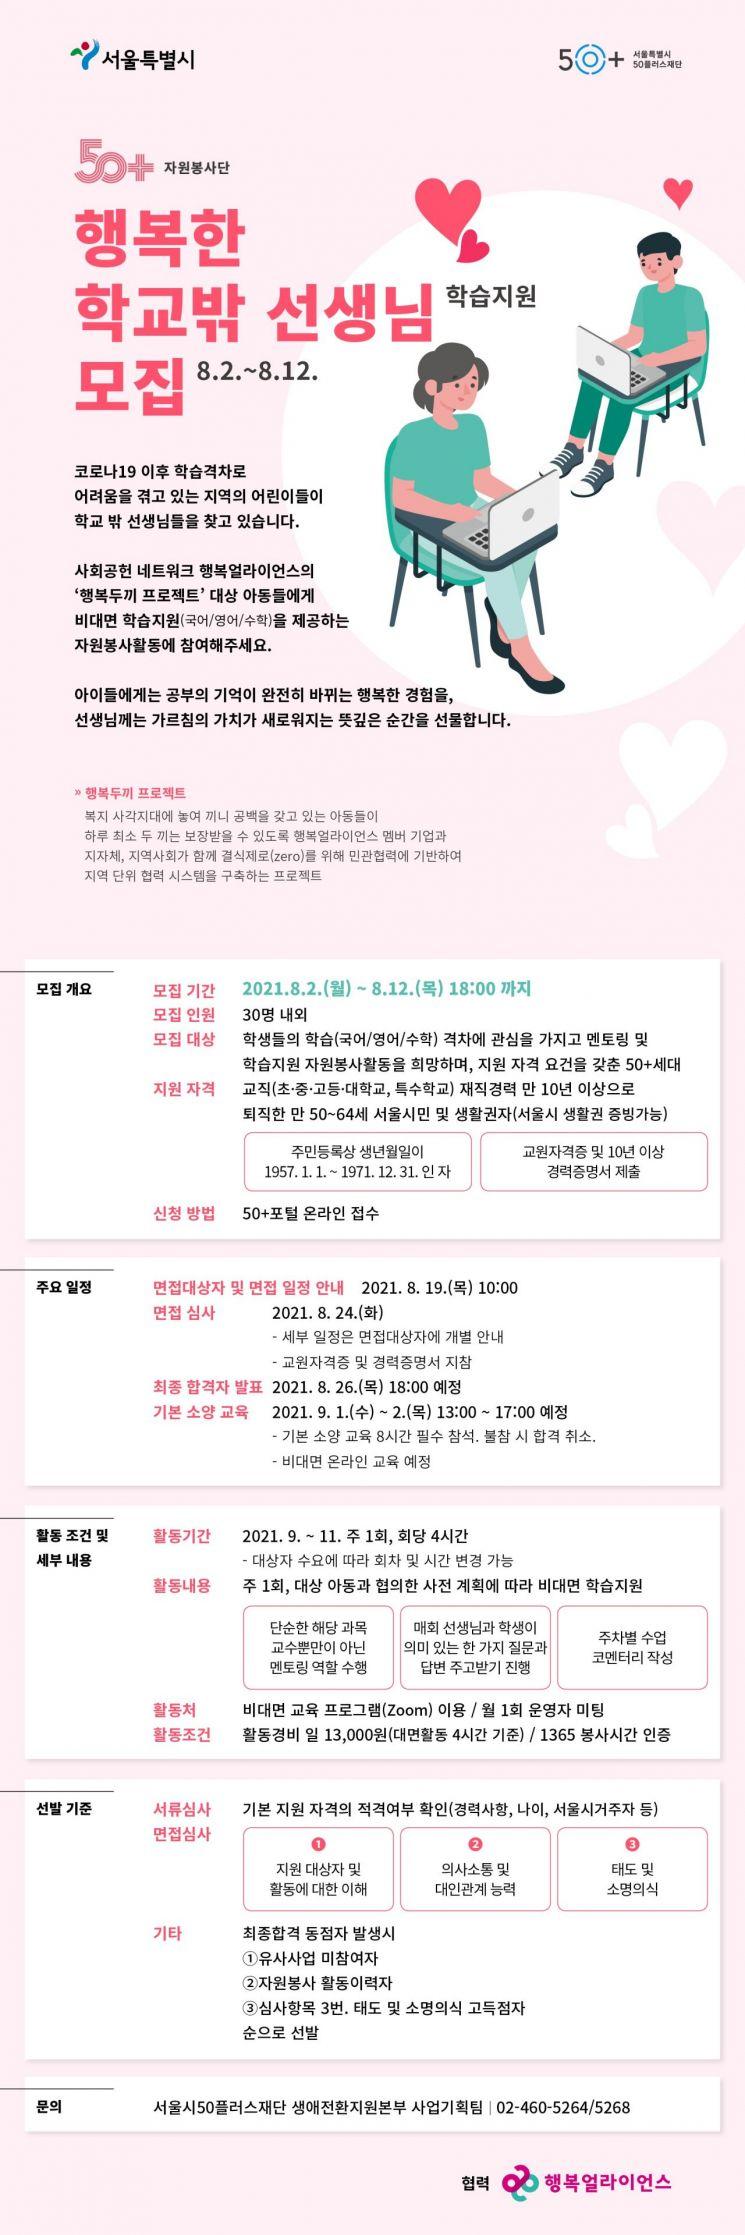 서울시50플러스재단-행복얼라이언스, 11월까지 '행복한 학교 밖 선생님' 사업